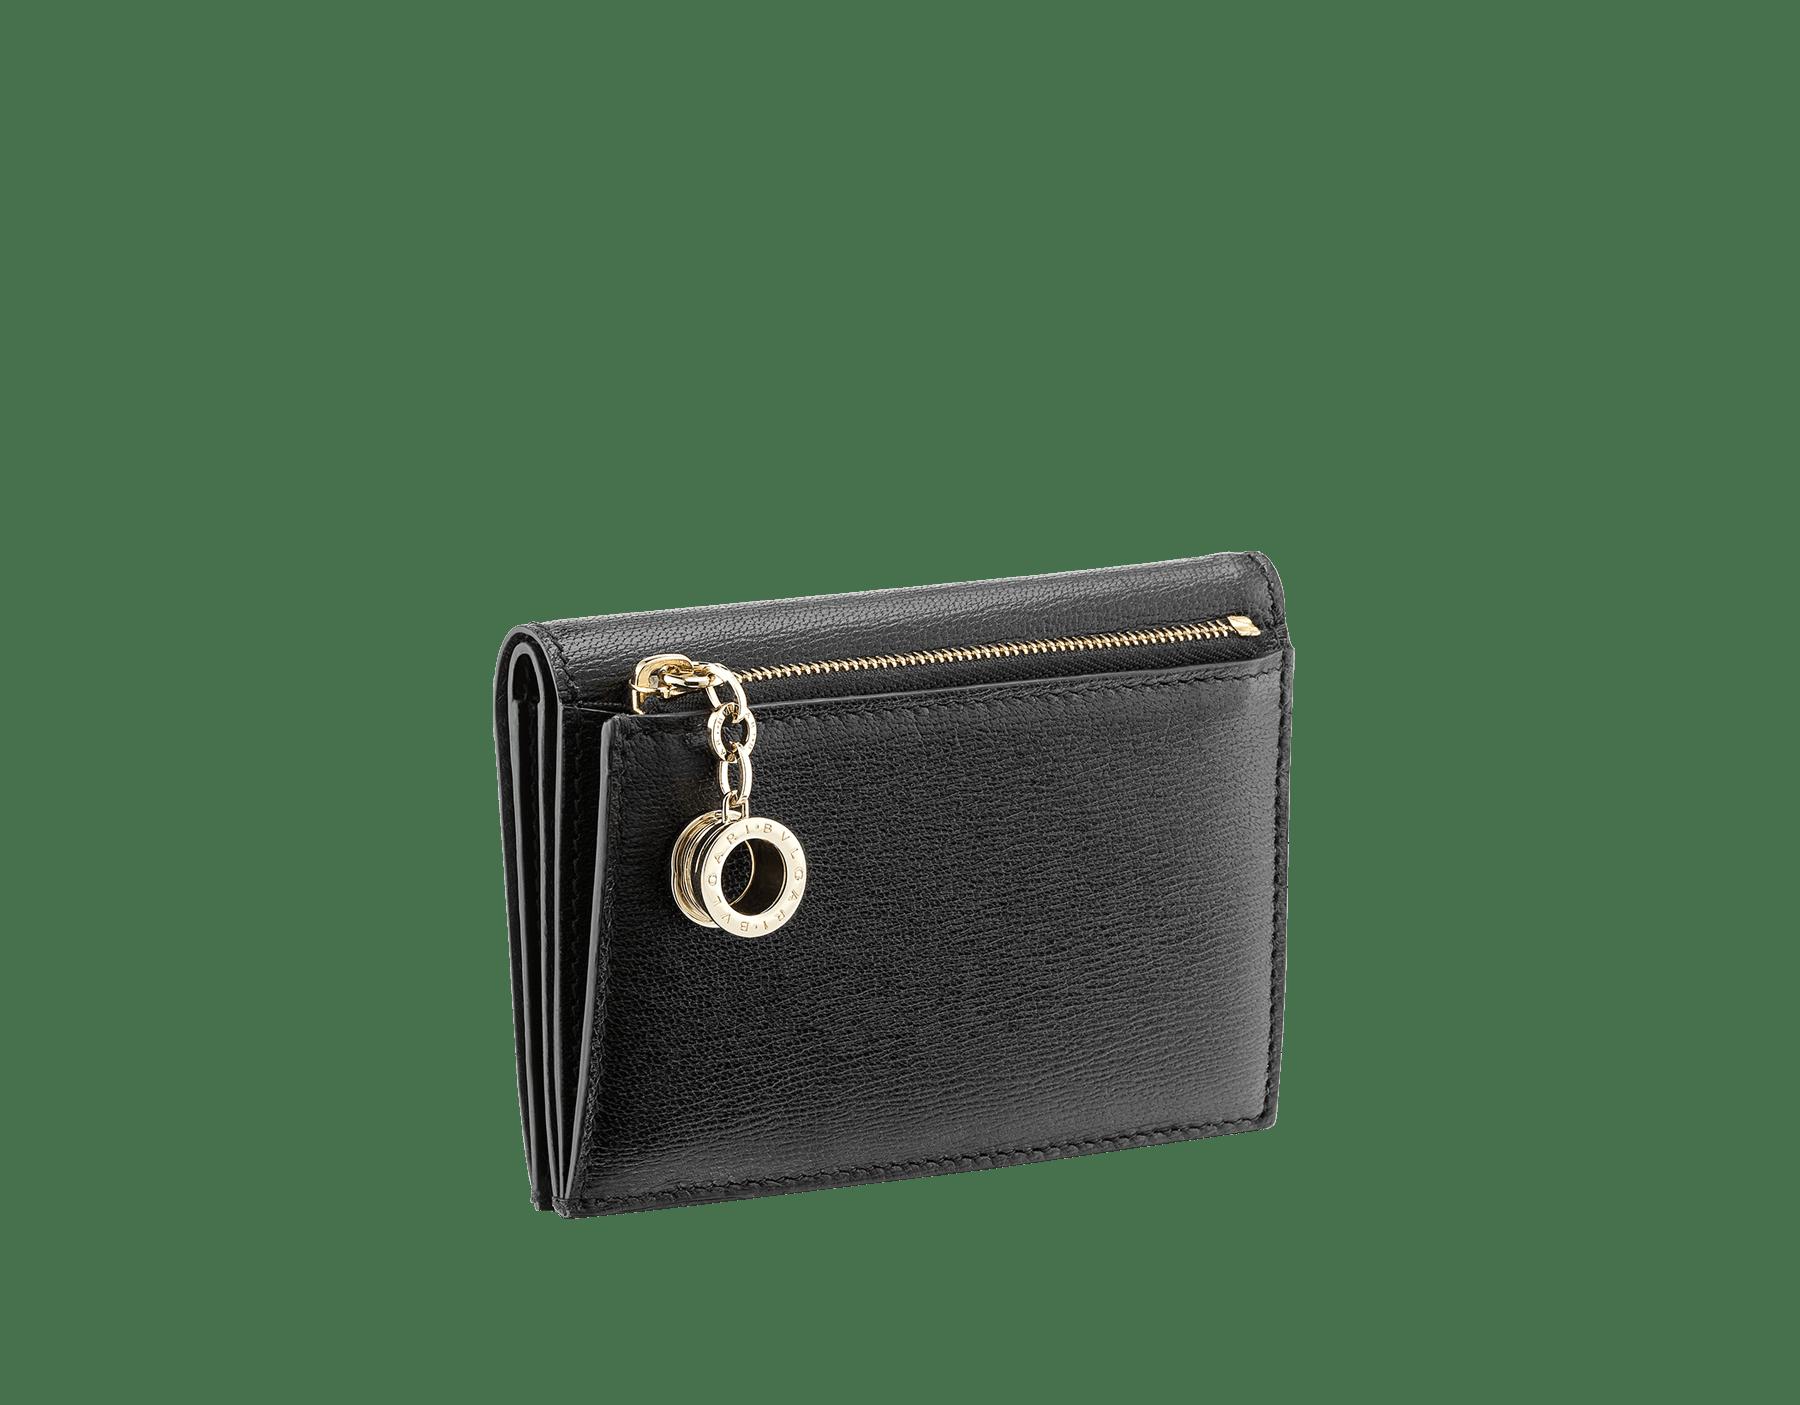 Étui pour cartes de crédit à deux volets B.zero1 en cuir de chèvre noir. Emblématique bijou B.zero1 en laiton doré. 289150 image 3